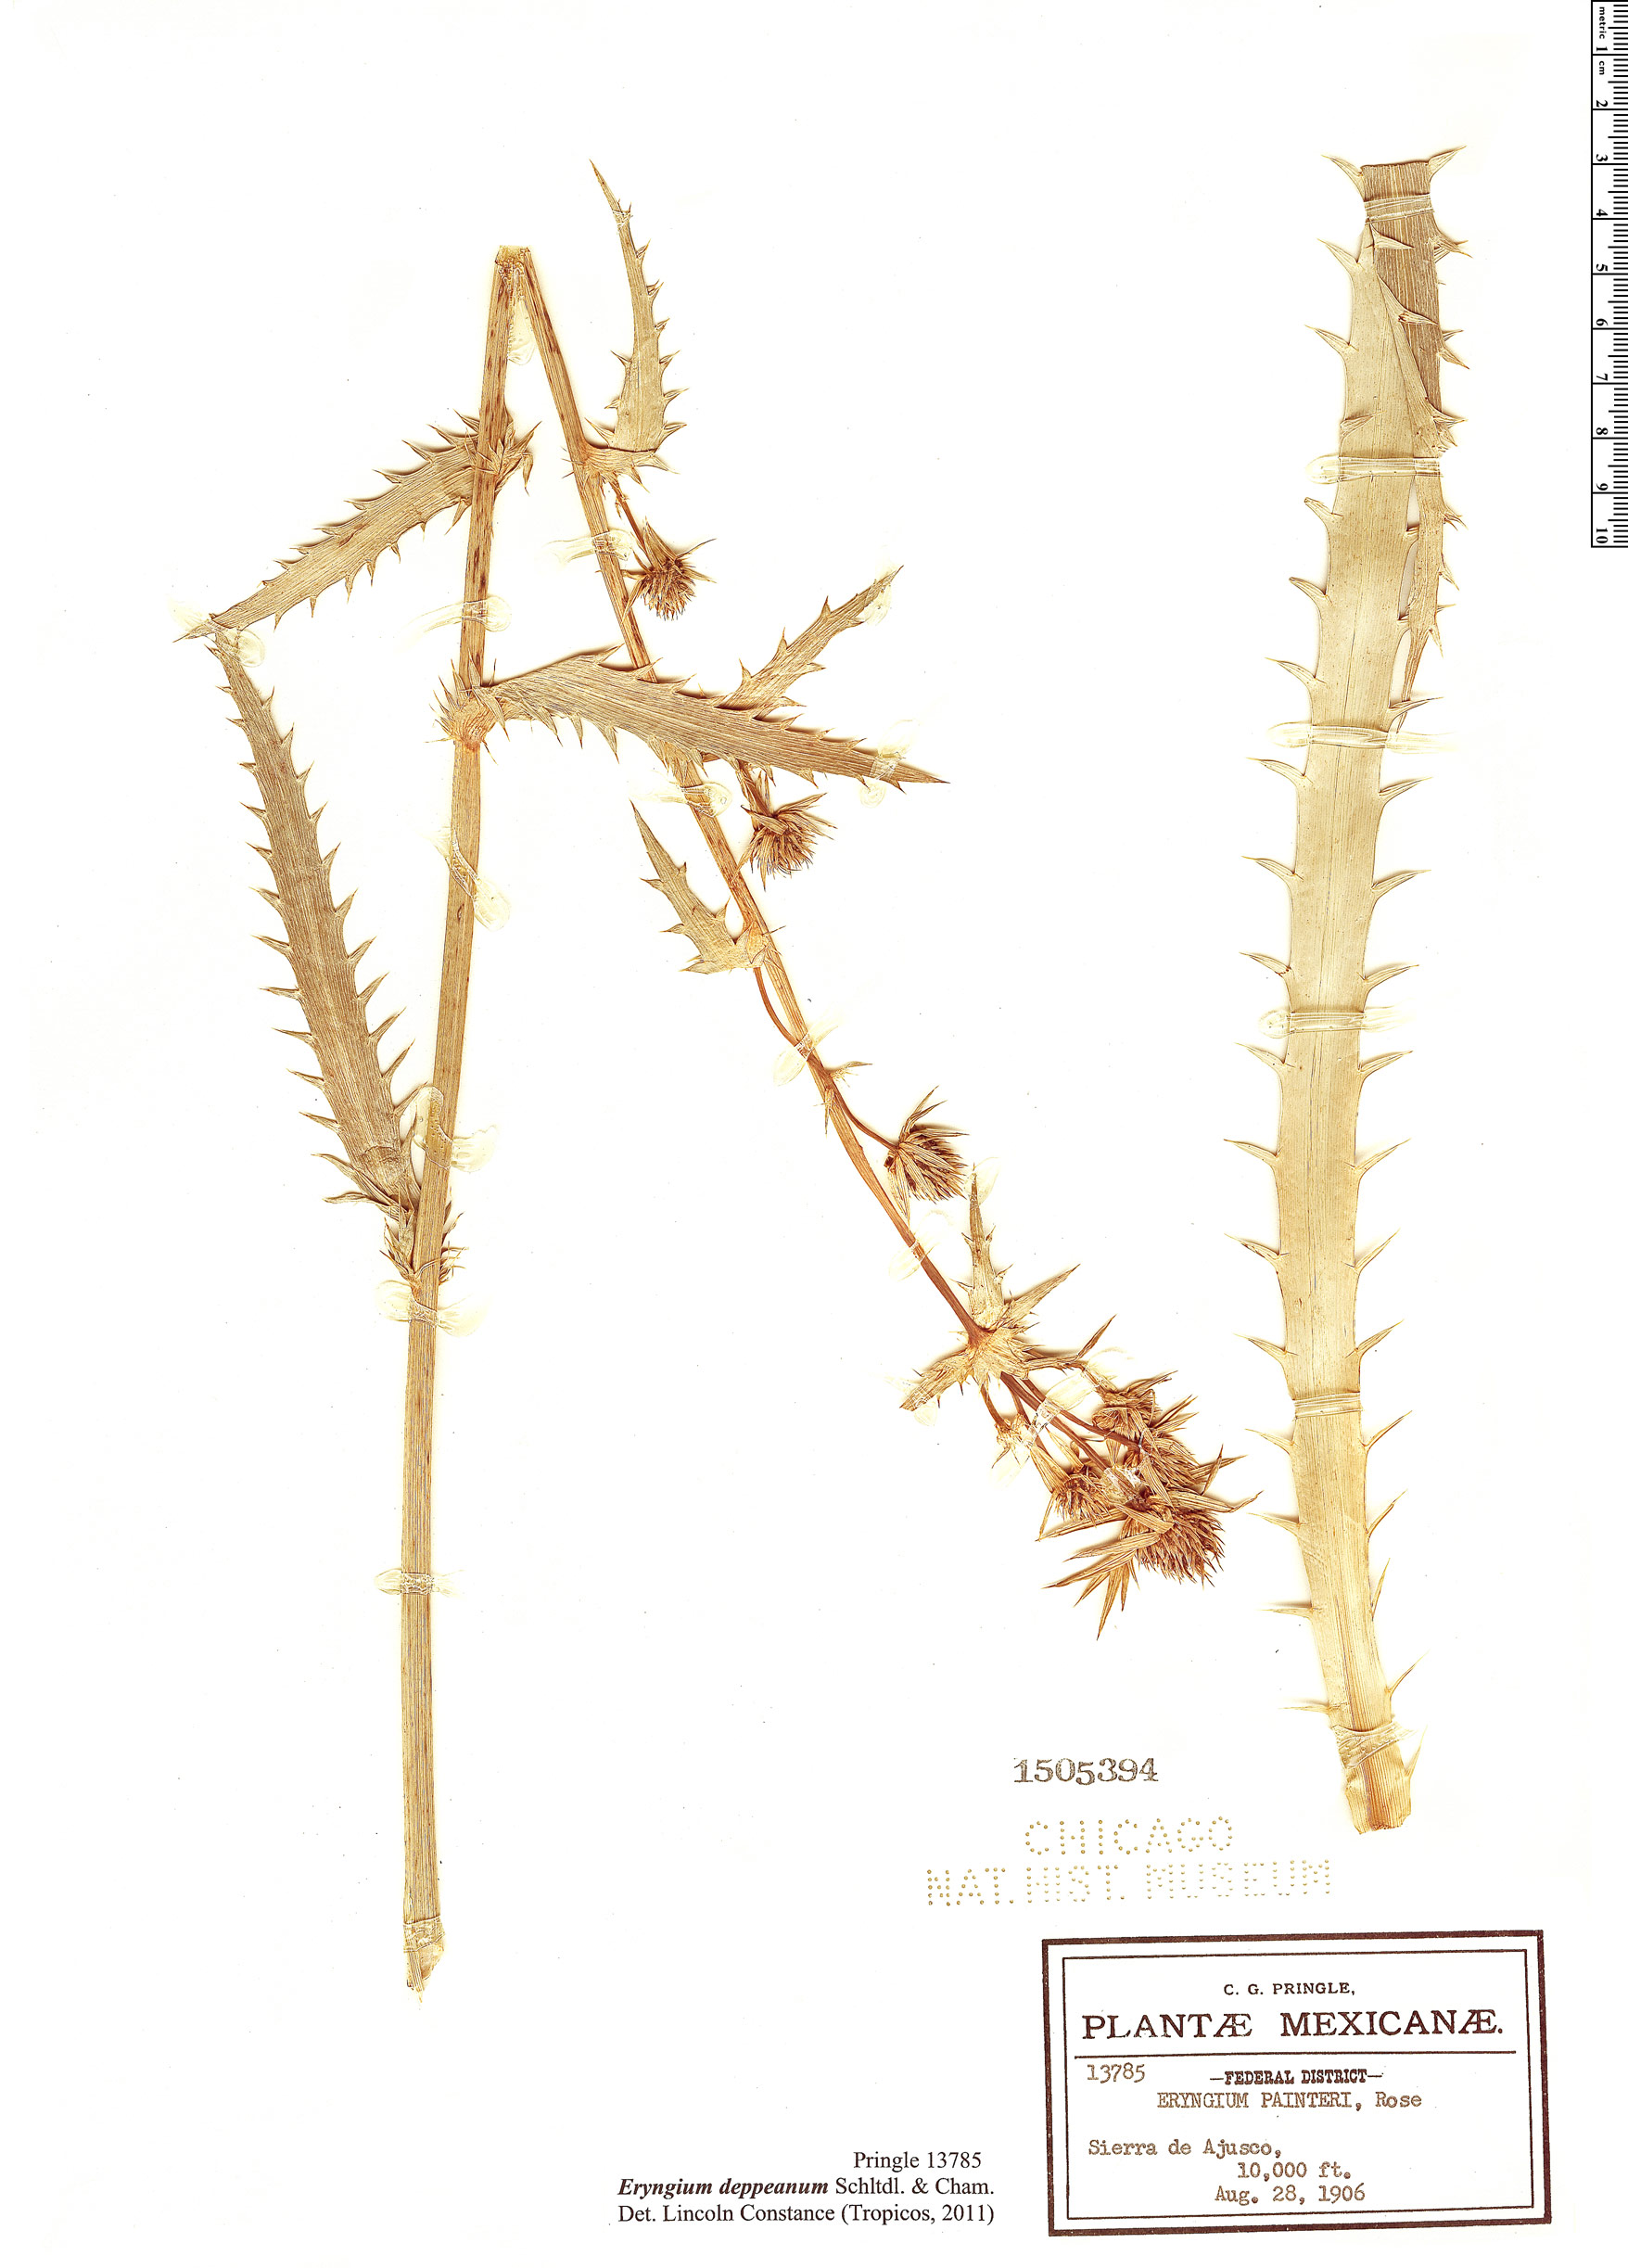 Specimen: Eryngium deppeanum